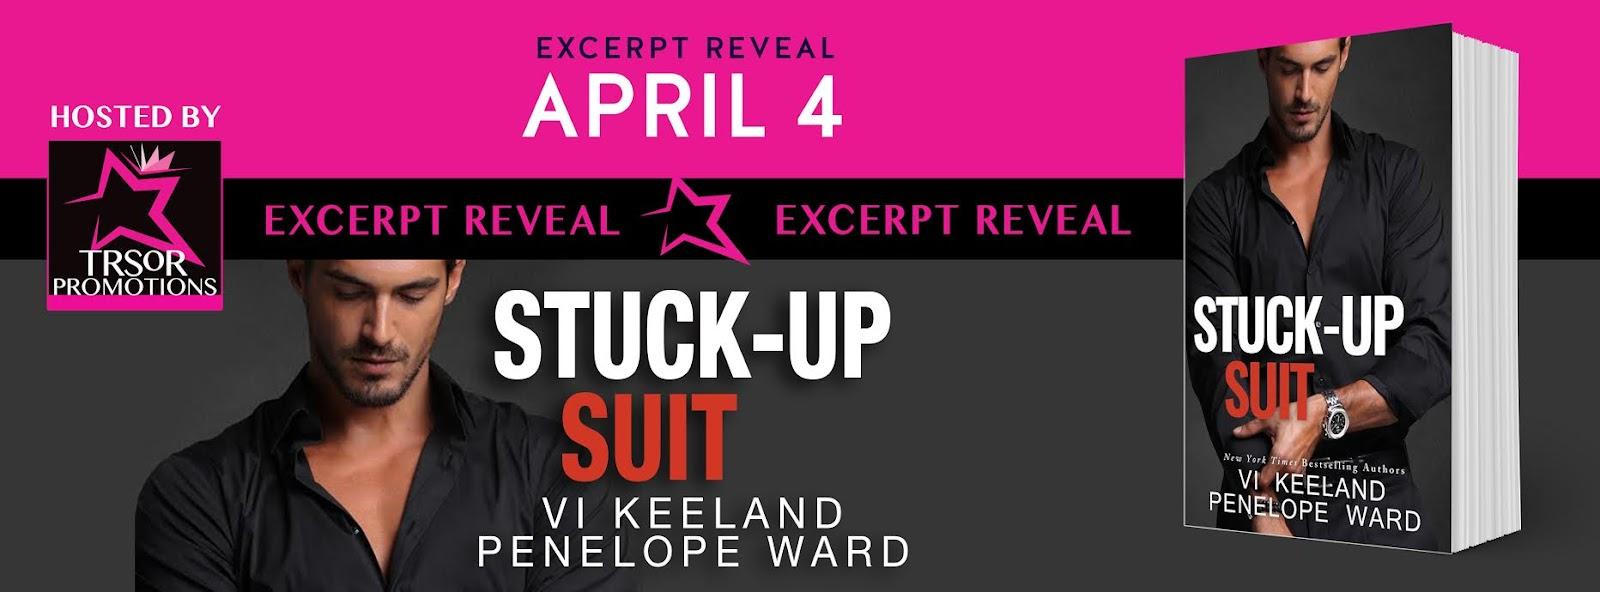 stuck up suit excerpt reveal 1.jpg